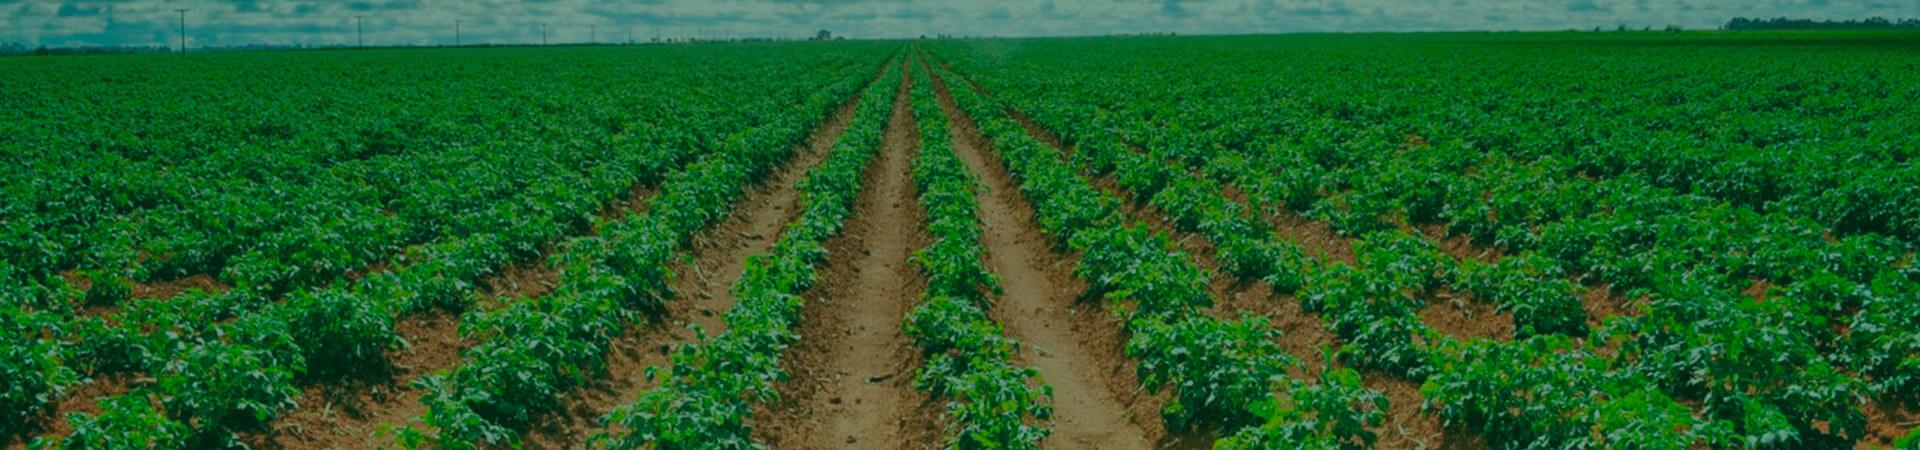 De olho nas pragas que atacam o cultivo de batatas